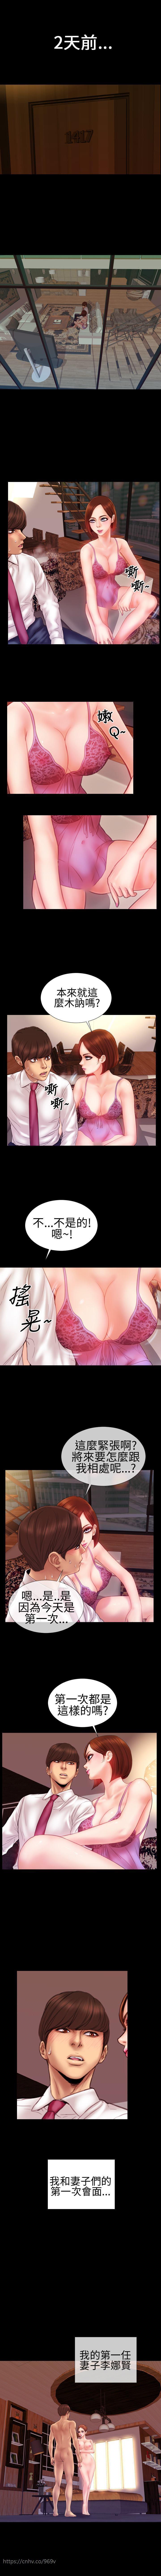 [洋蔥&模造]MY WIVES 淫荡的妻子们 Ch.4~10 [Chinese]中文 2